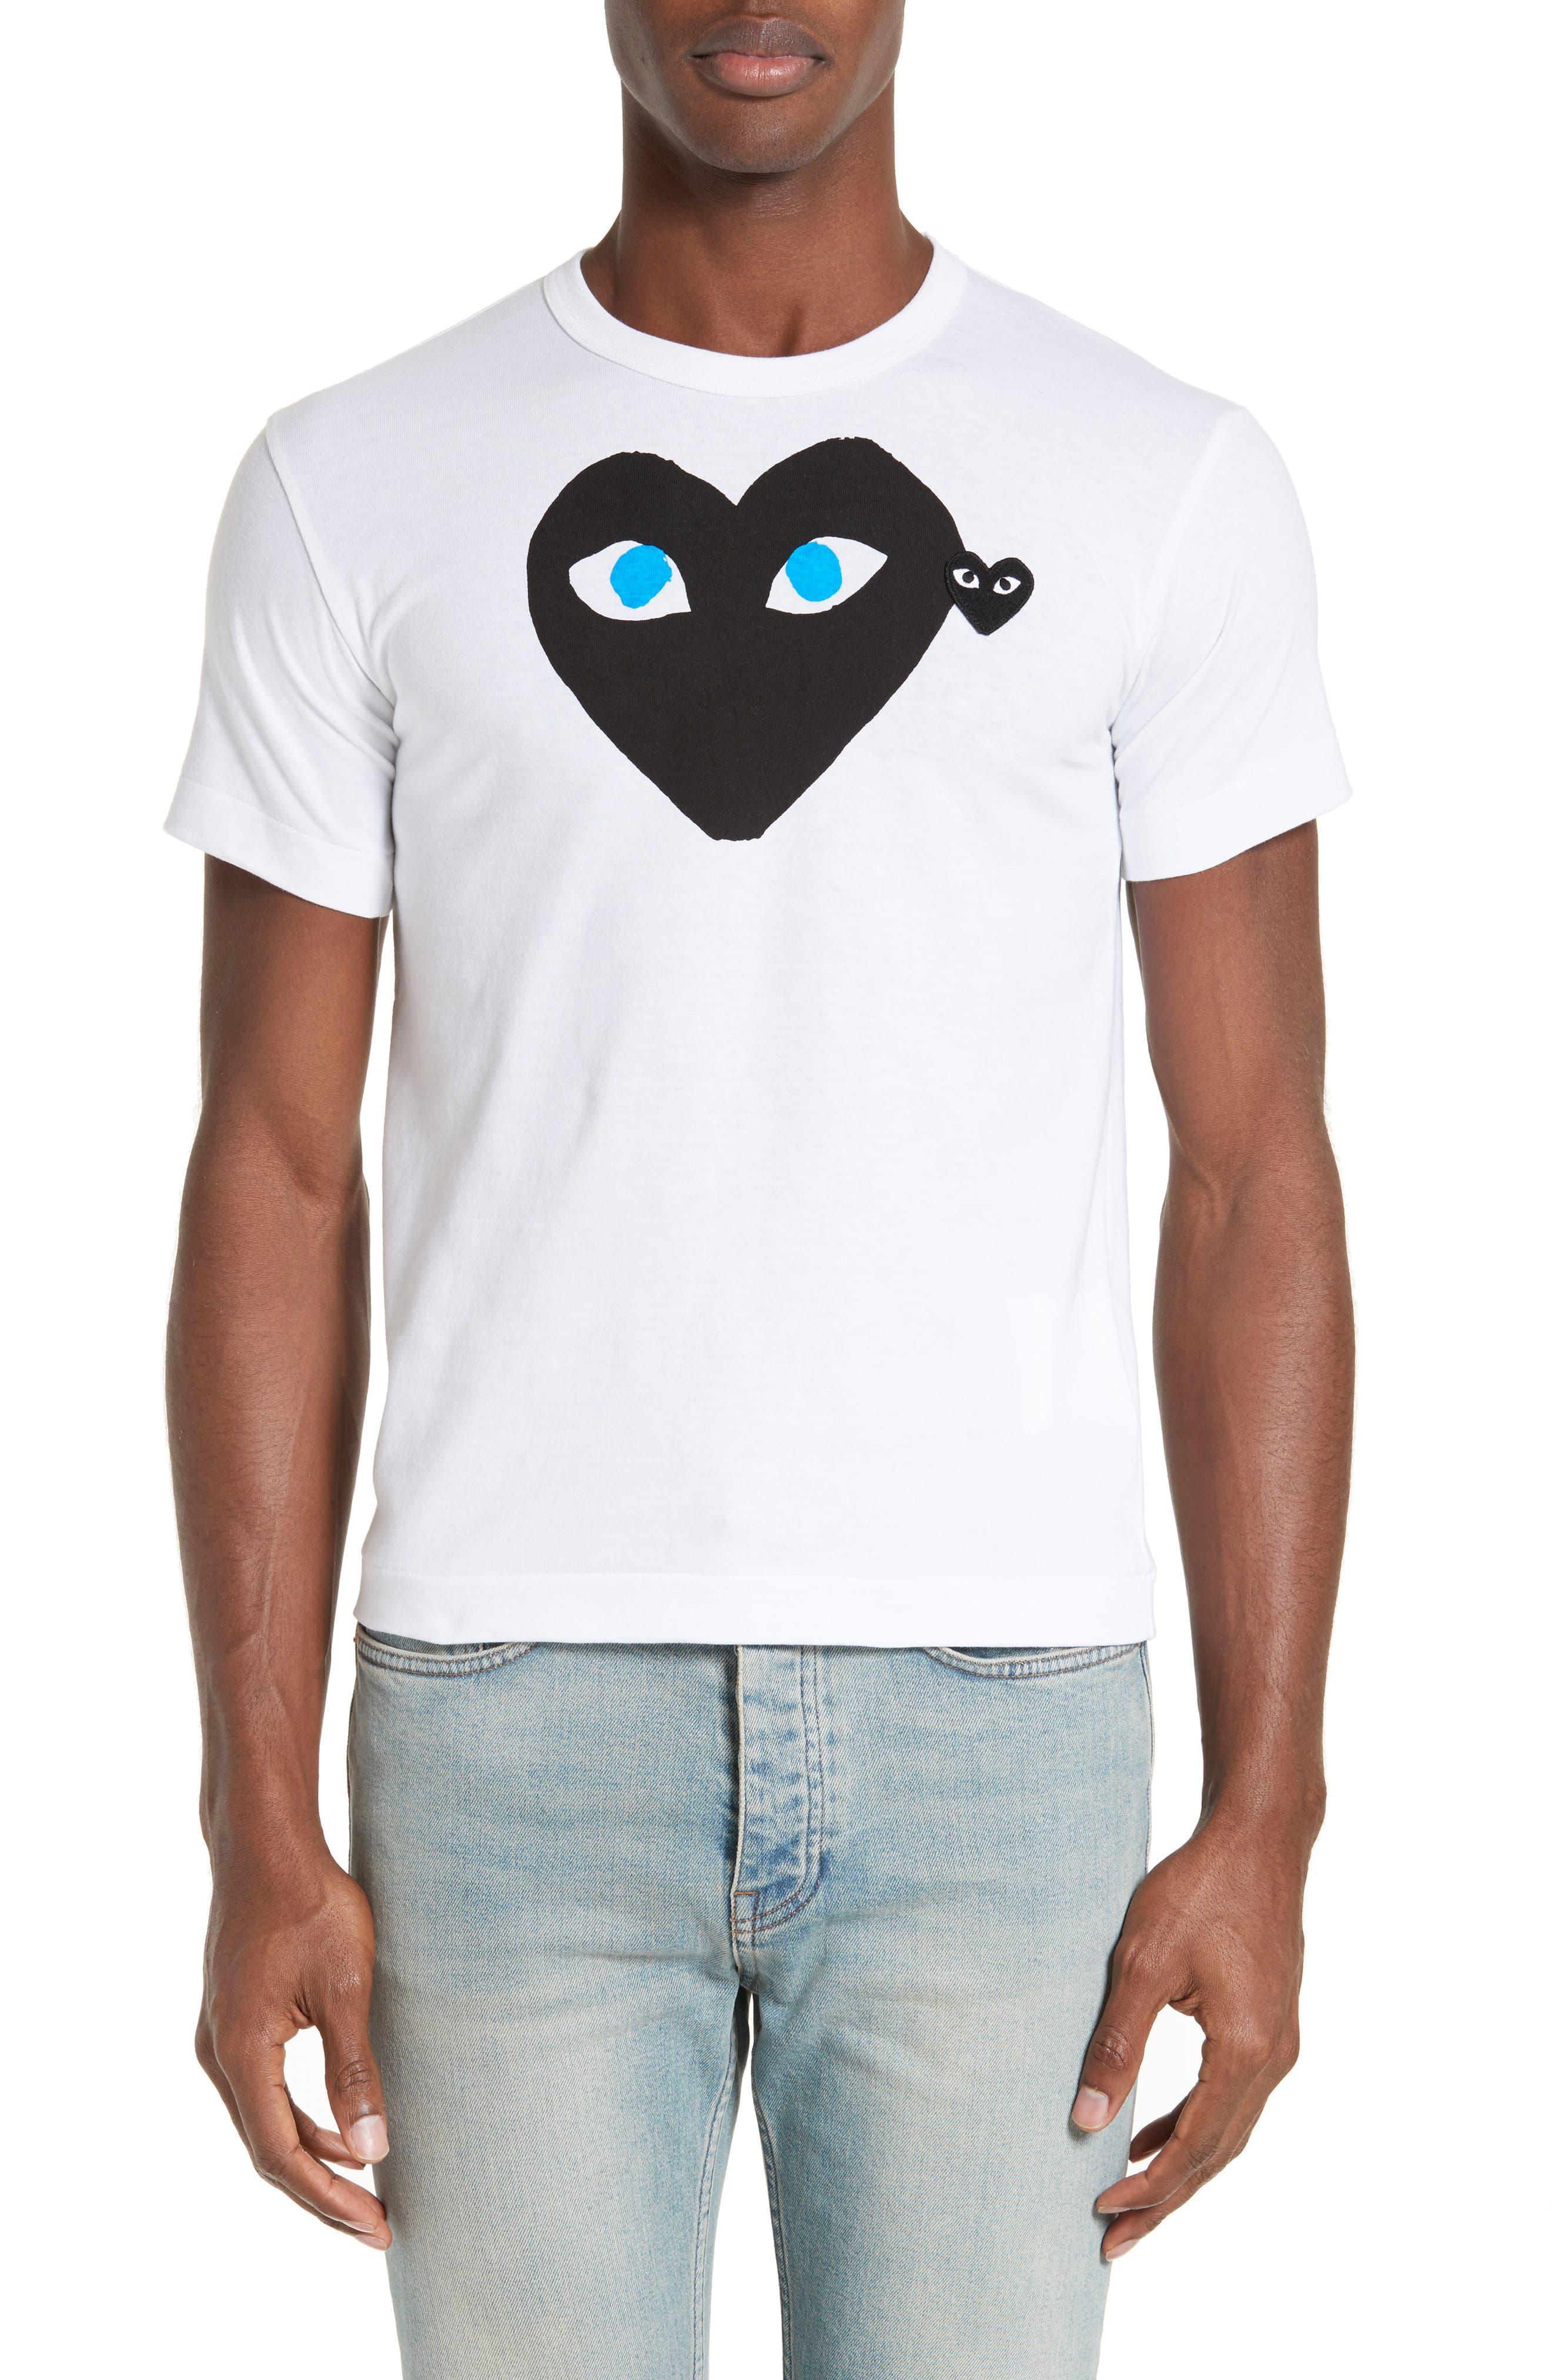 Heart Appliqué Slim Fit Graphic T-Shirt, Main, color, WHITE